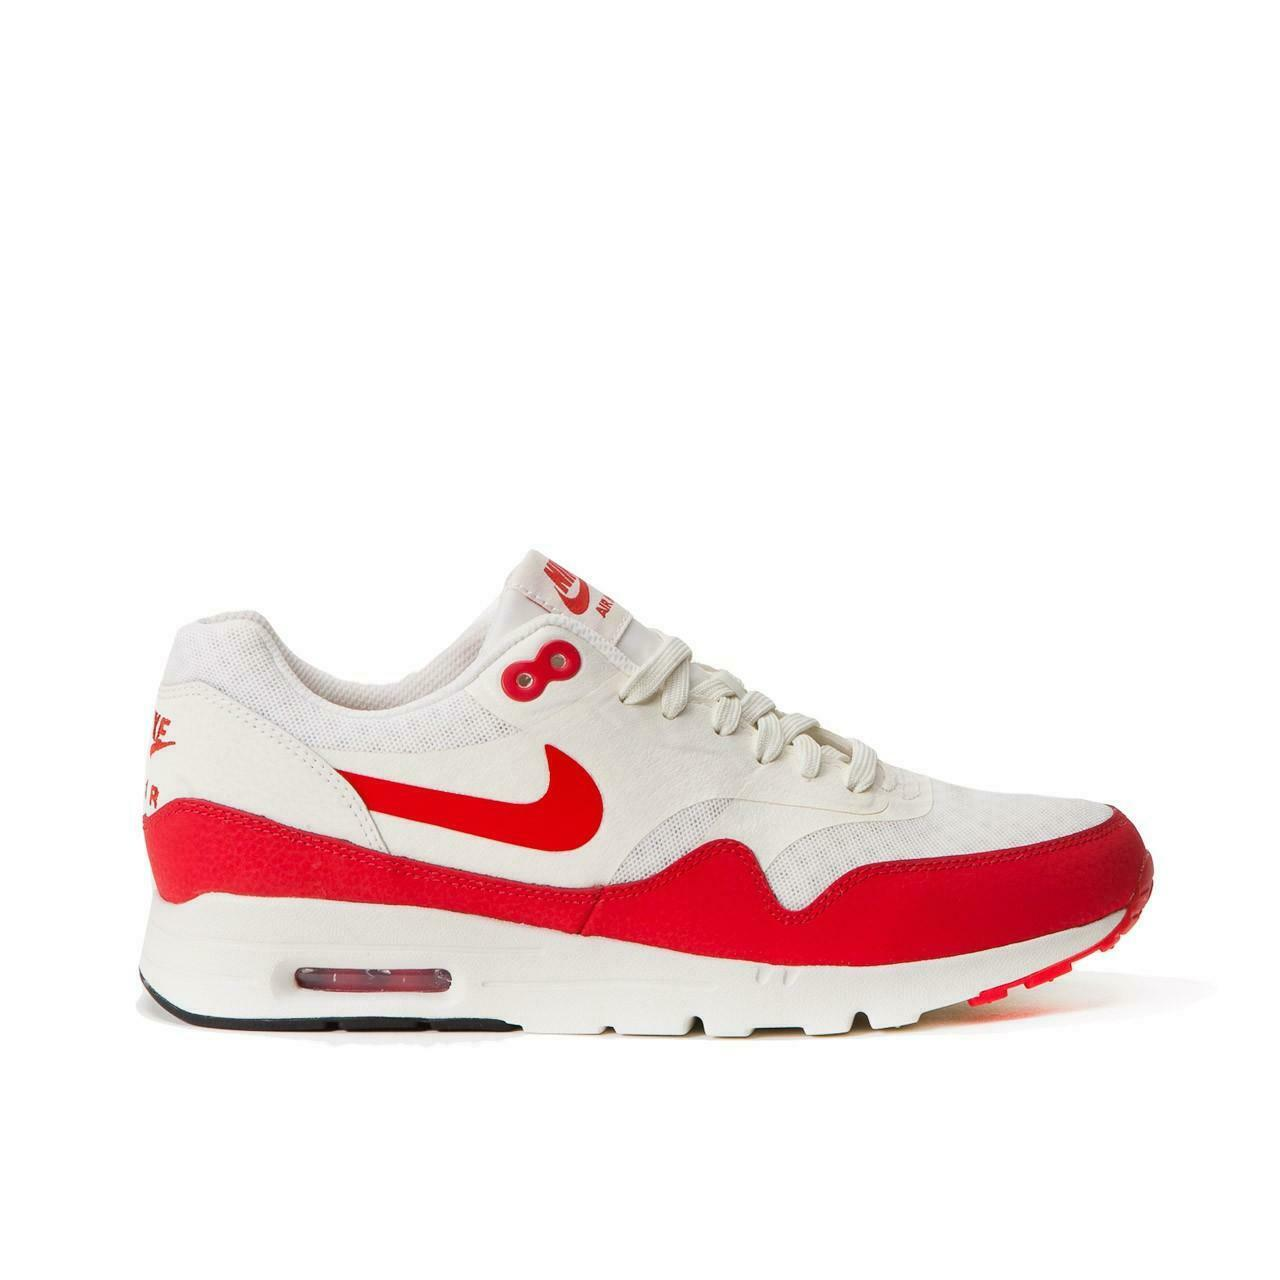 Da Donna Nike Air Max 1 Essenziali Scarpe Da Ginnastica Ultra 704993 100